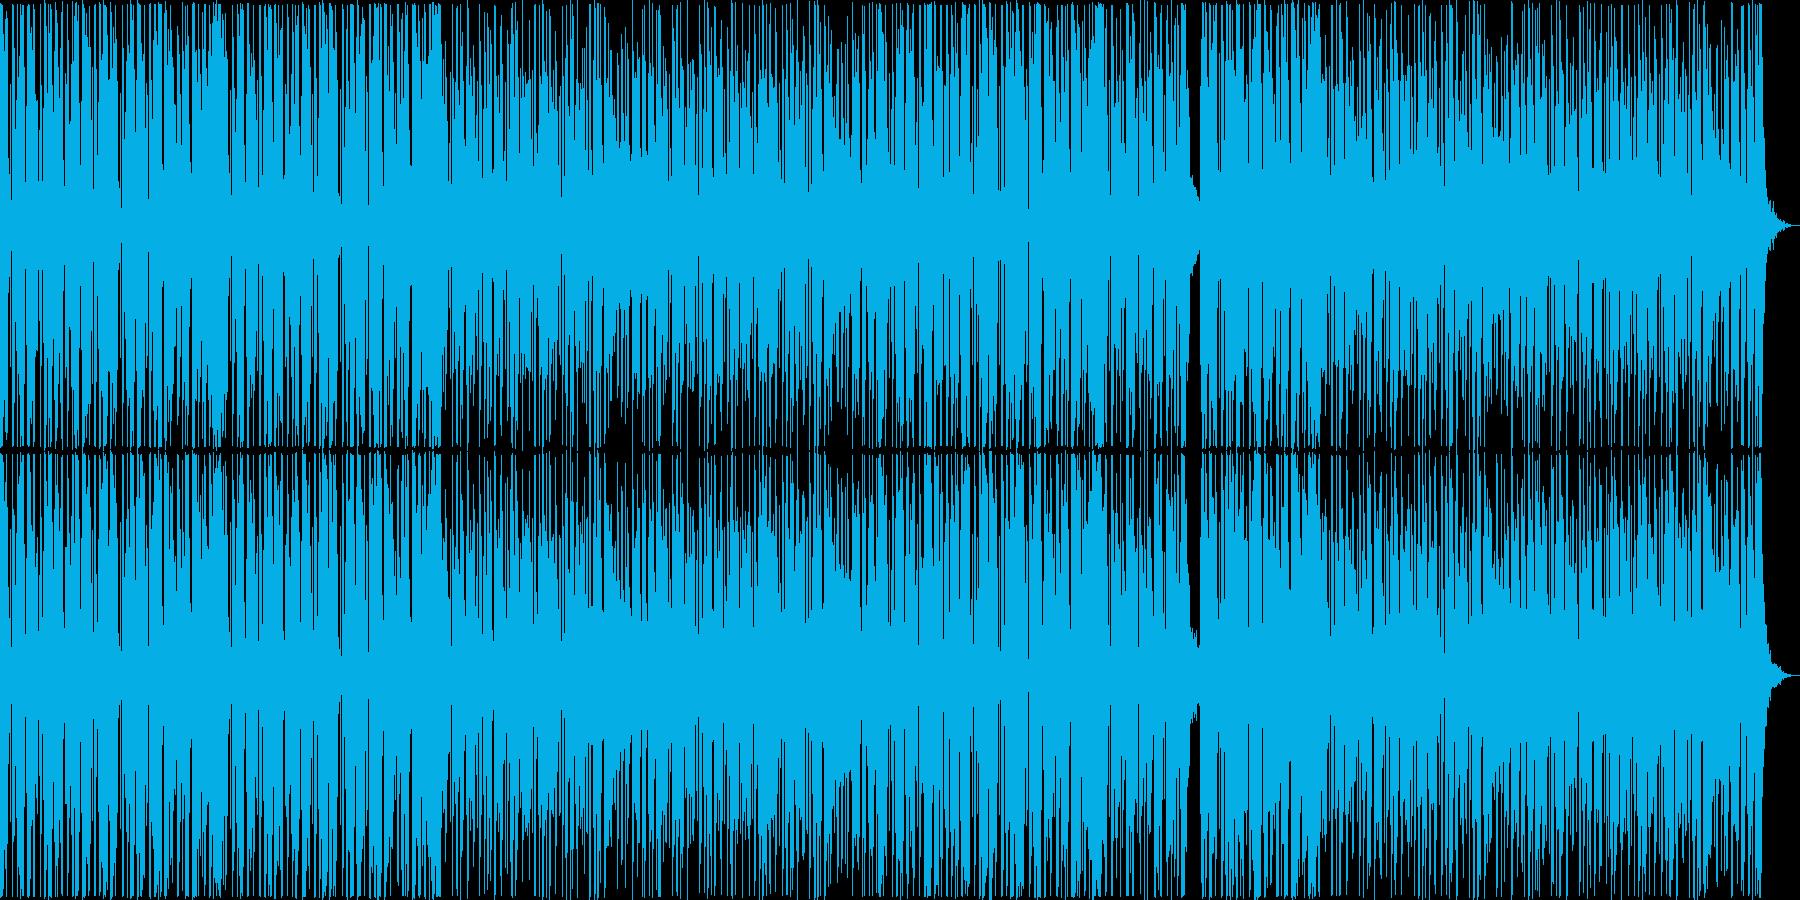 切ないおしゃれHIPHOP & FUNKの再生済みの波形